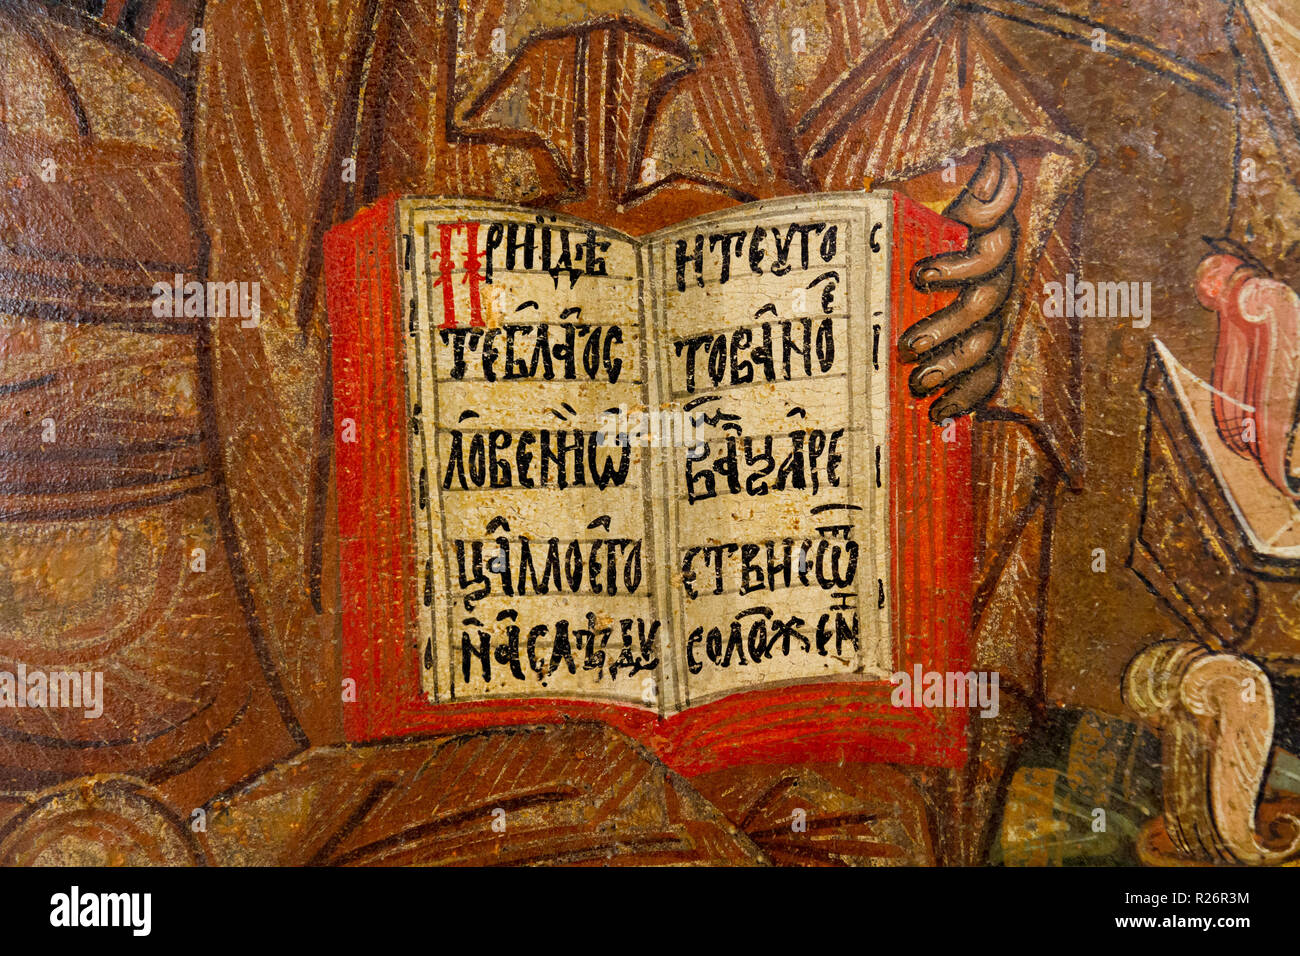 Une Bible ouverte avec une citation en grec à partir des écritures. Jésus Christ est maintenant e livre. Banque D'Images